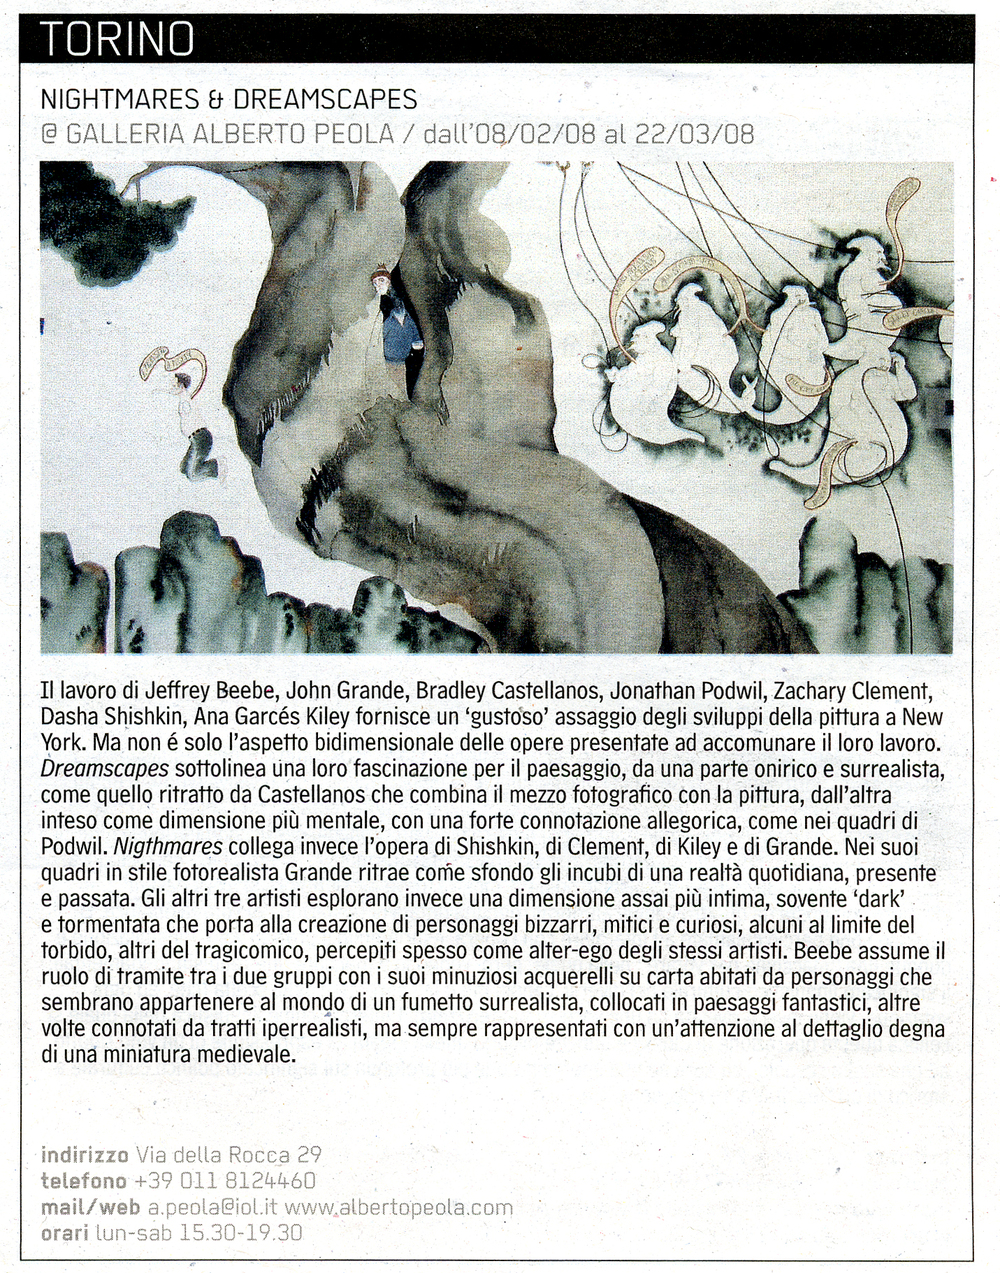 Torino Article.jpg